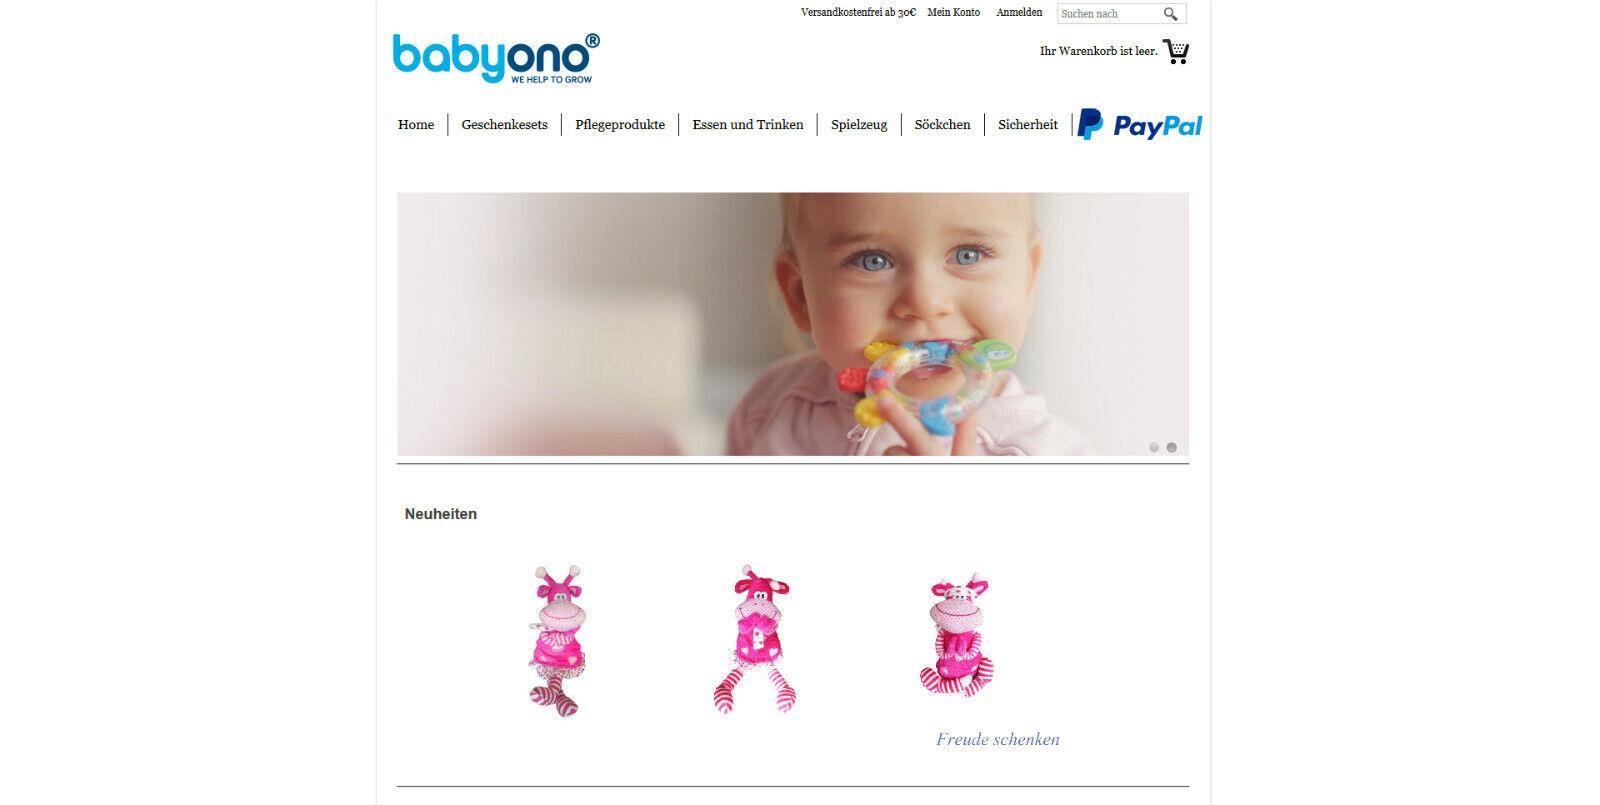 Online-shop für Babyartikel mit Warenbestand www.baby-ono.de zu verkaufen